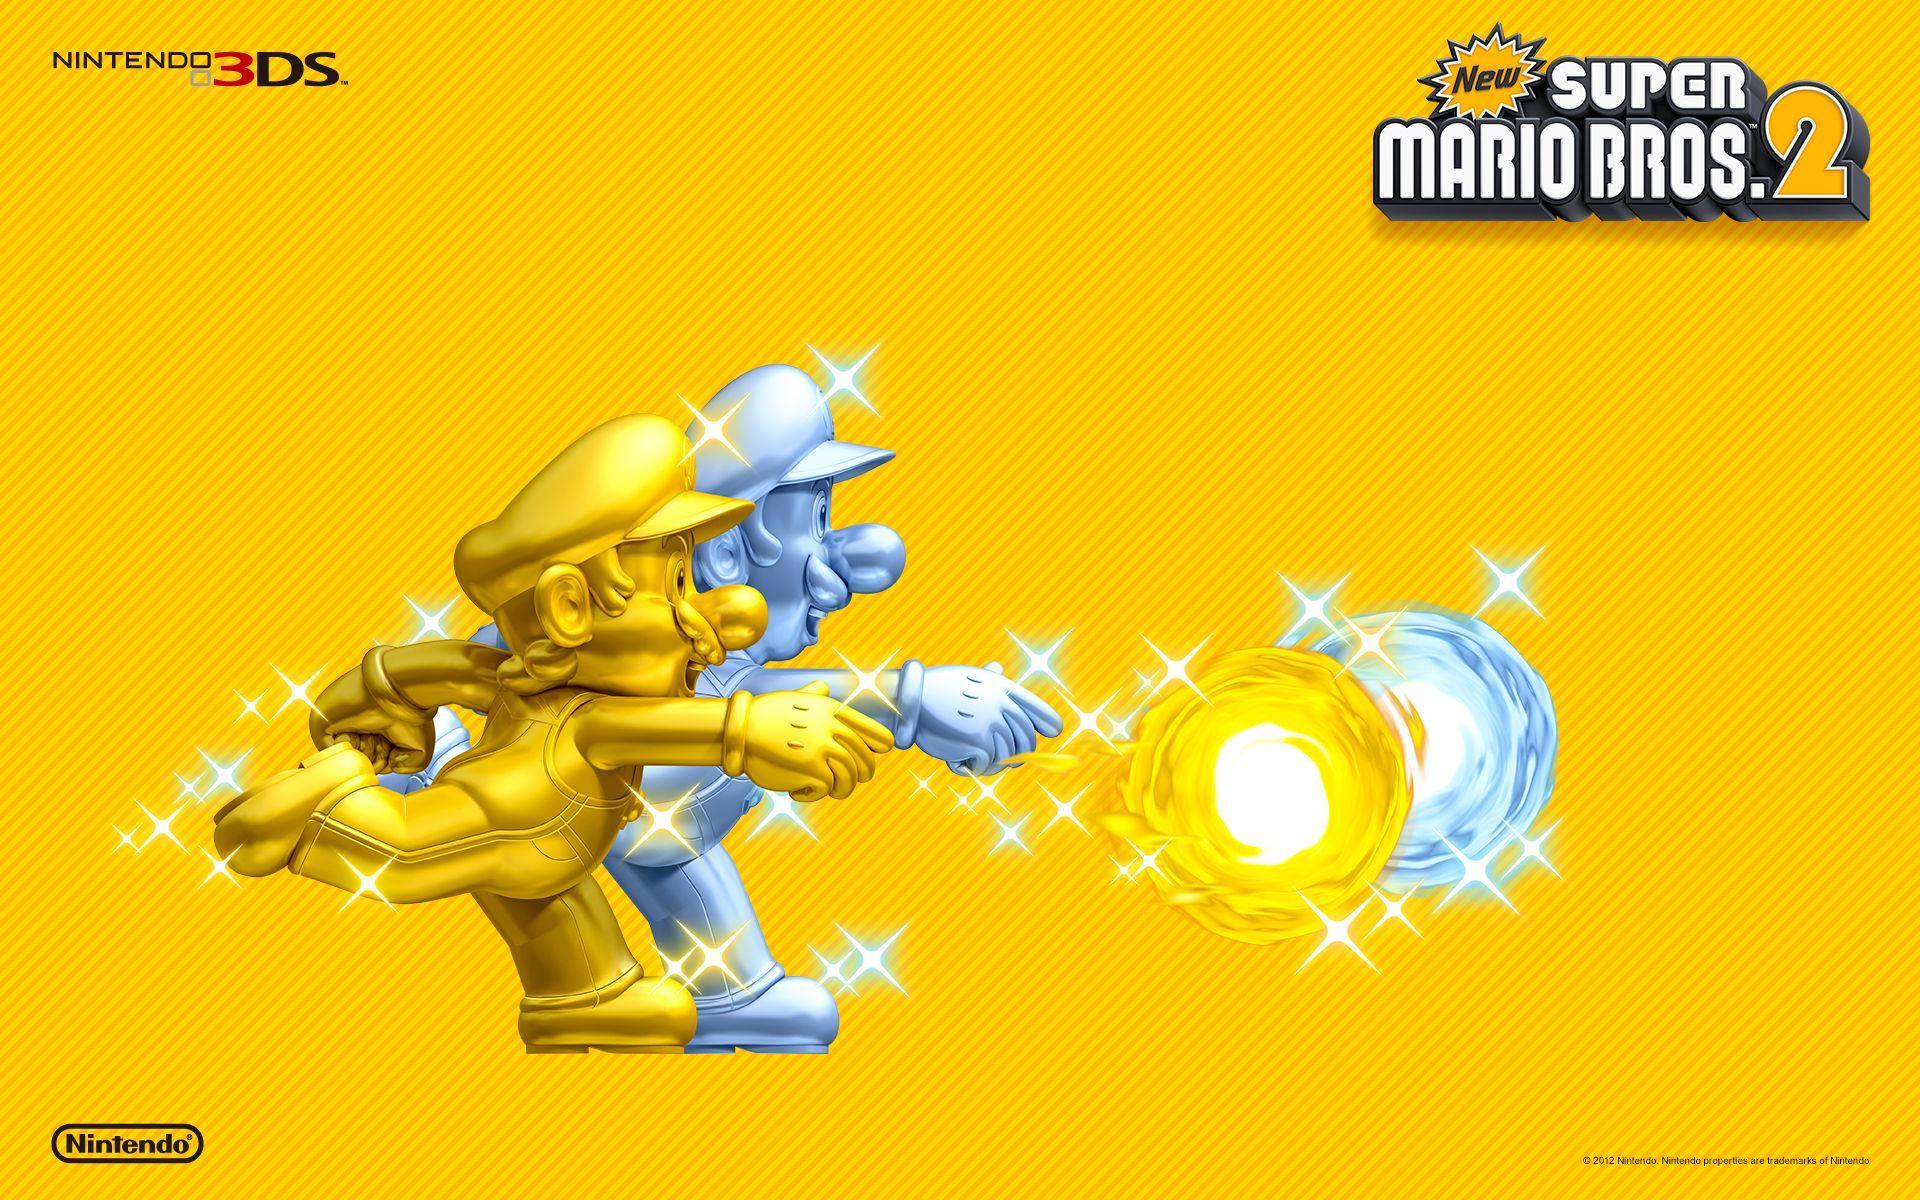 New Super Mario Bros 2 Wallpapers Top Free New Super Mario Bros